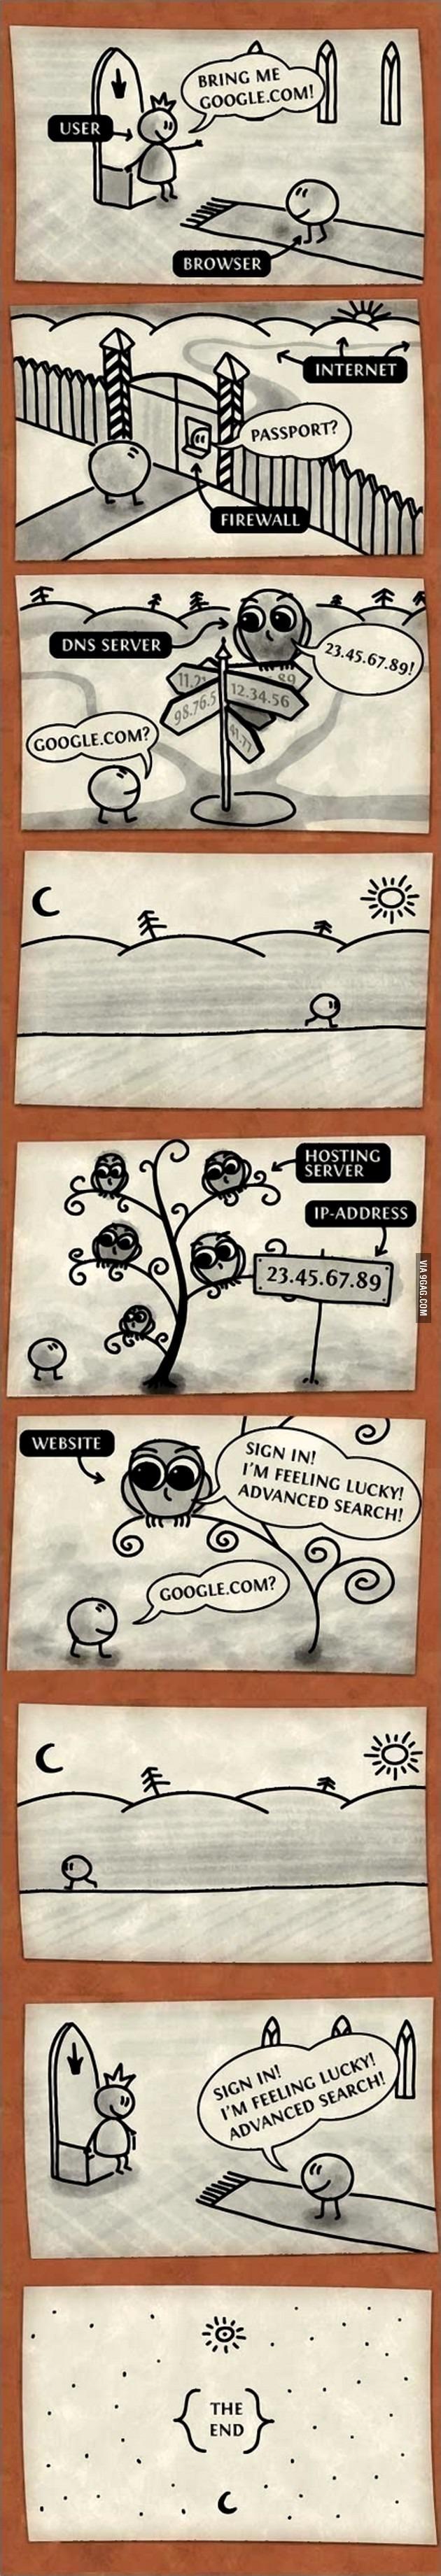 Como funciona la internet?